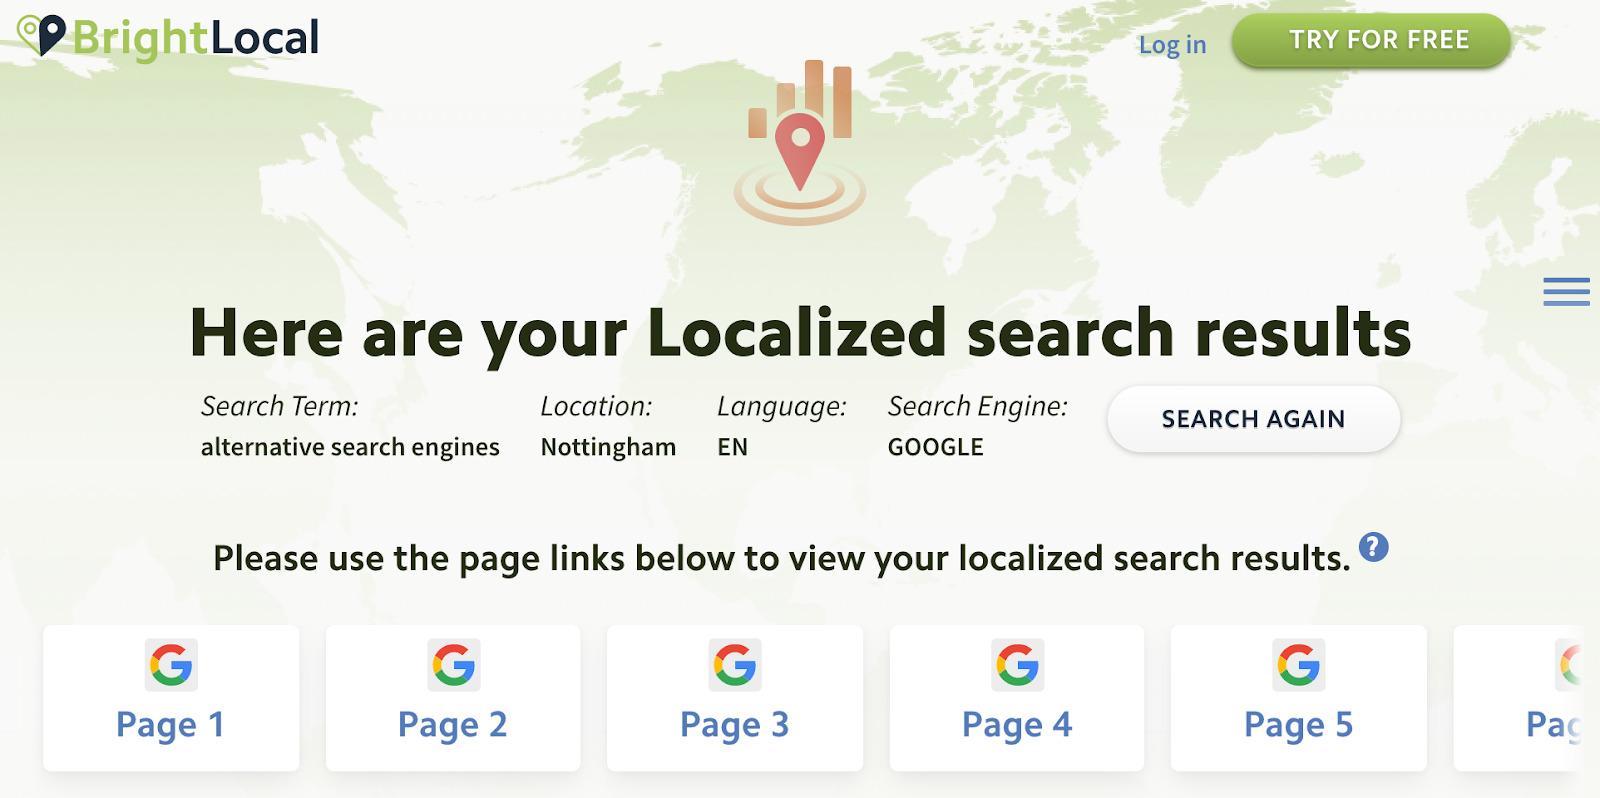 brightlocal search results checker